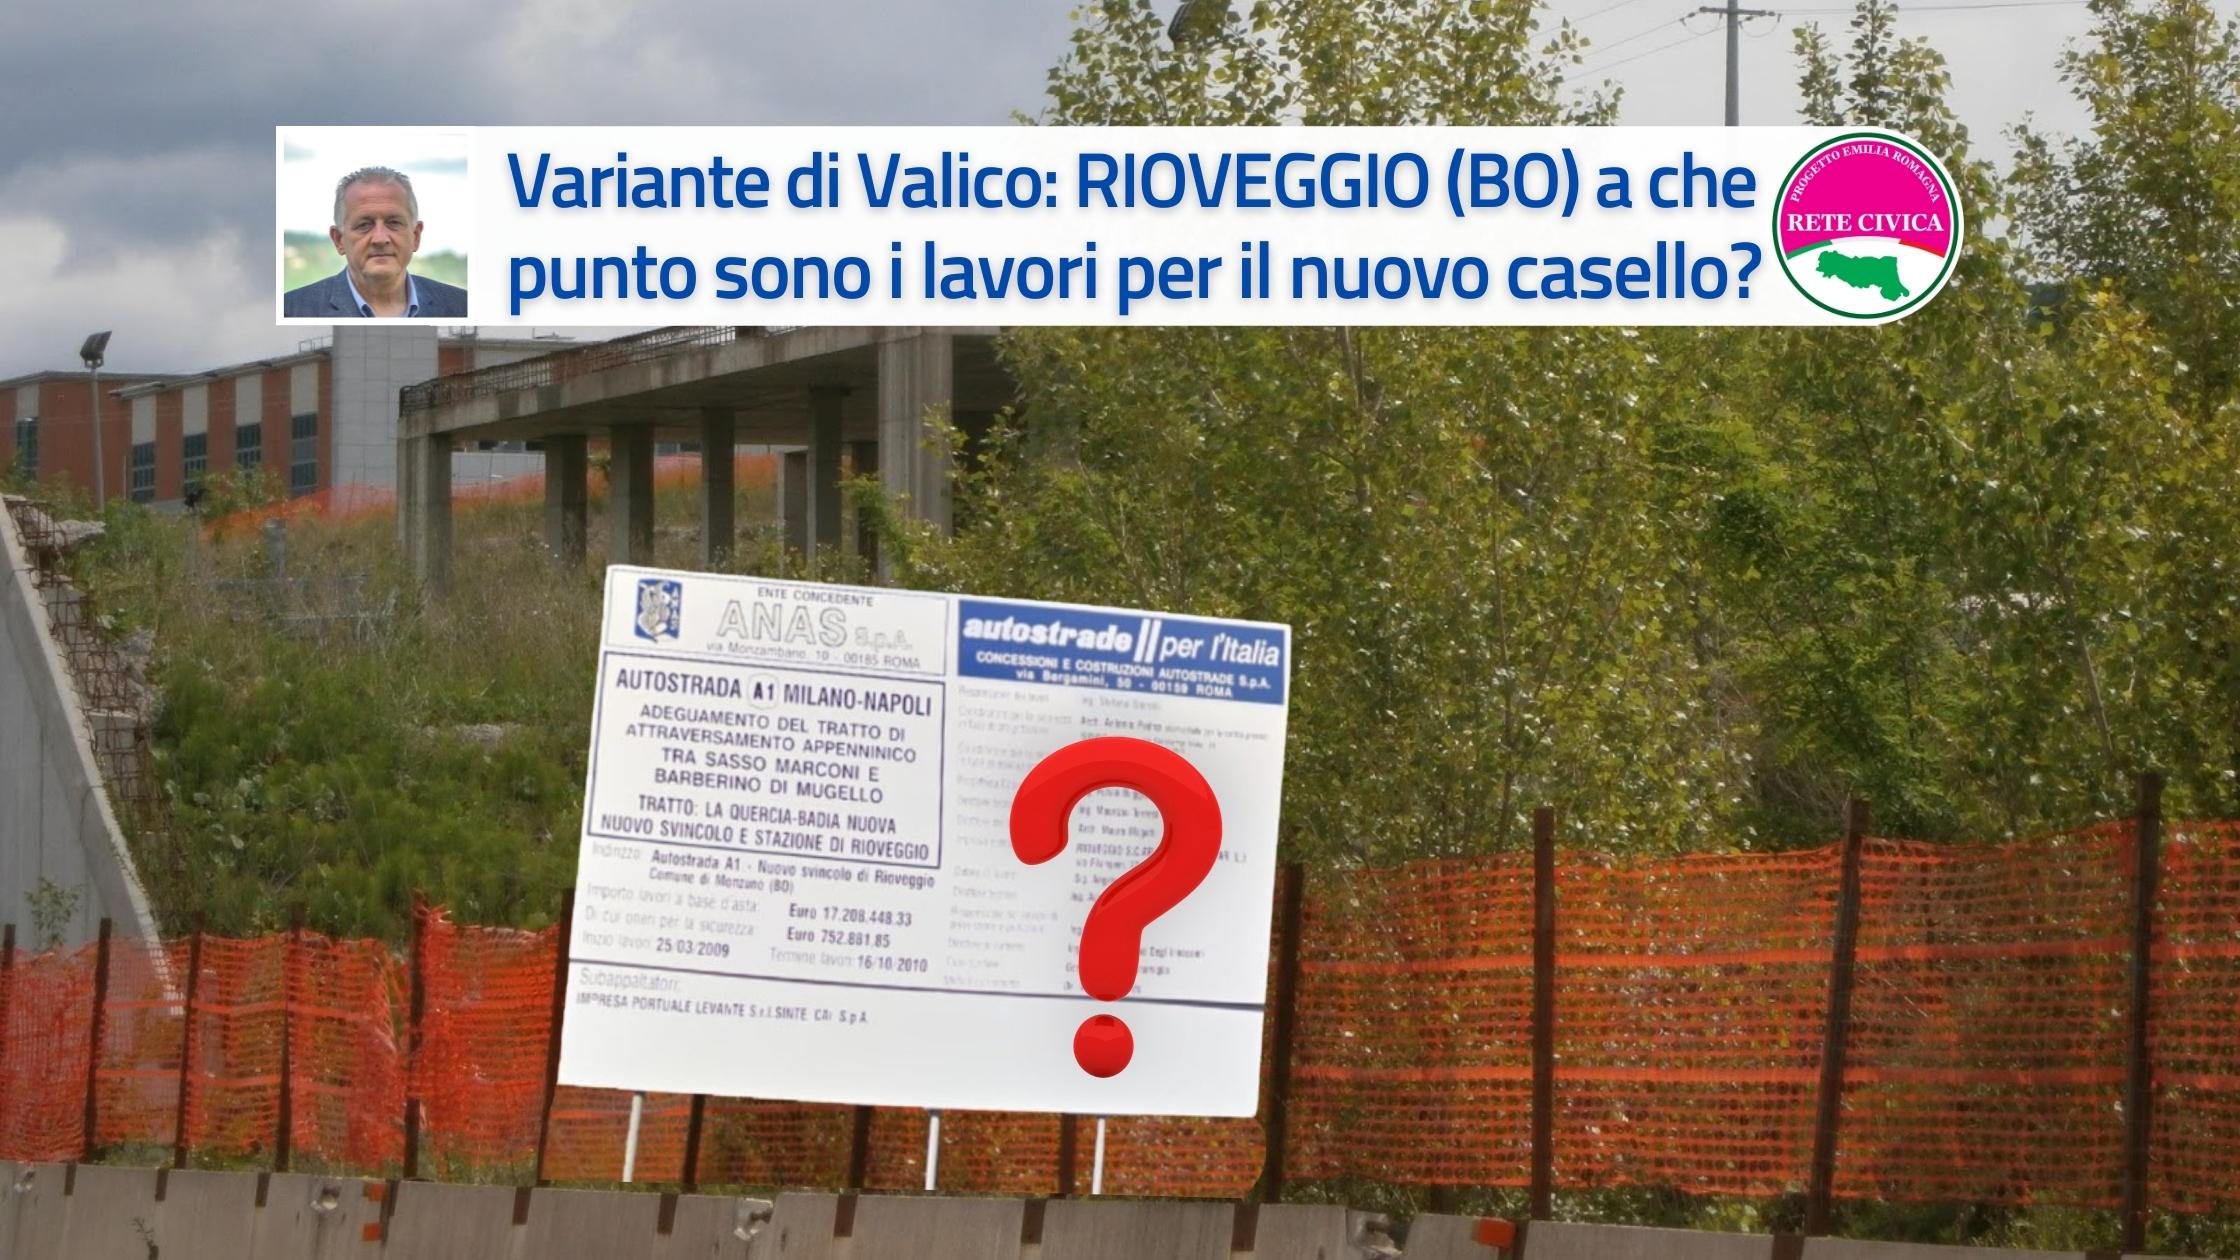 Rioveggio - Casello - Marco Mastacchi RETE CIVICA